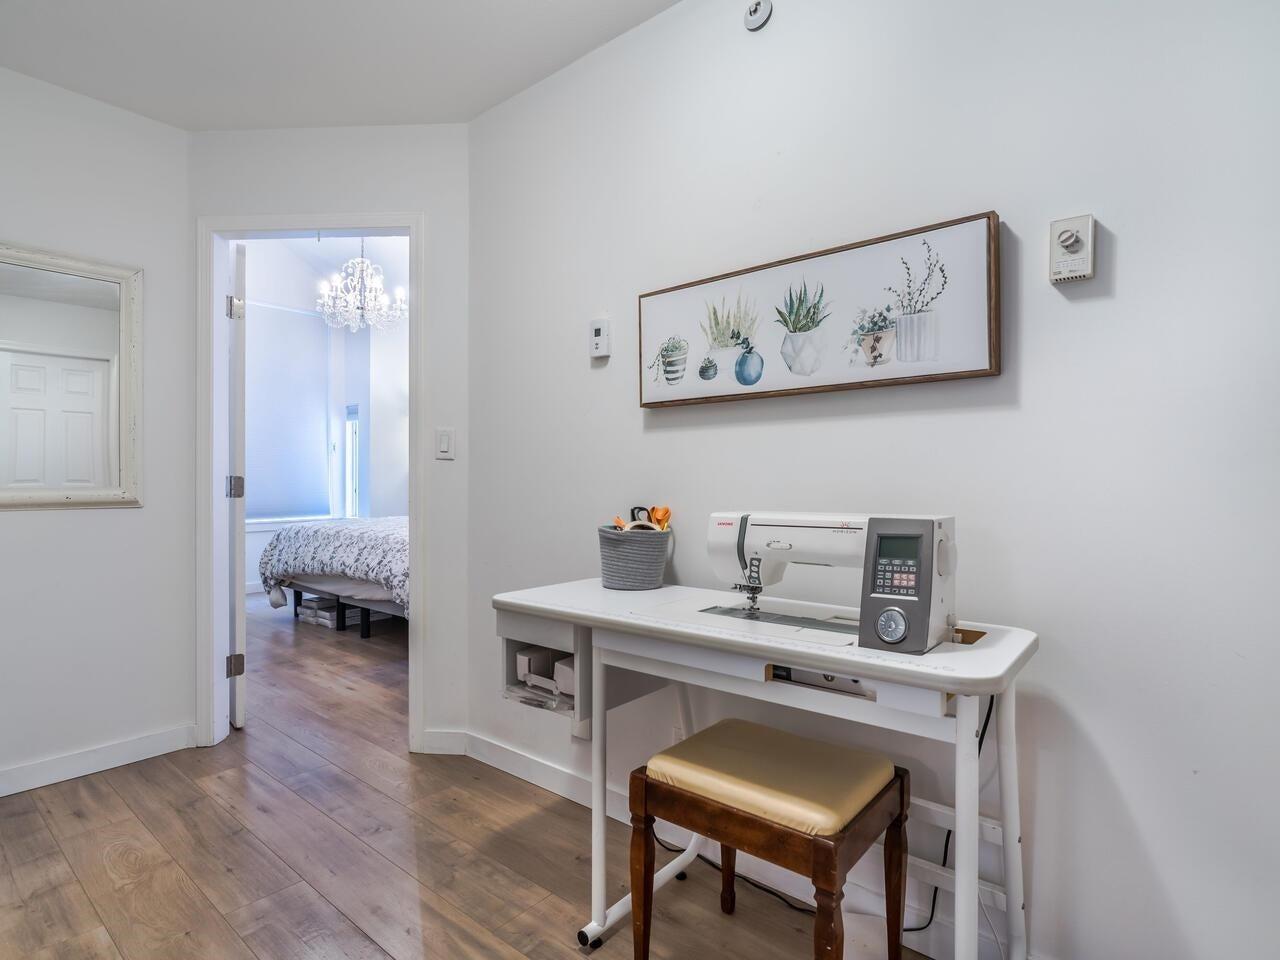 1231 E 11TH AVENUE - Mount Pleasant VE 1/2 Duplex for sale, 3 Bedrooms (R2625828) - #30